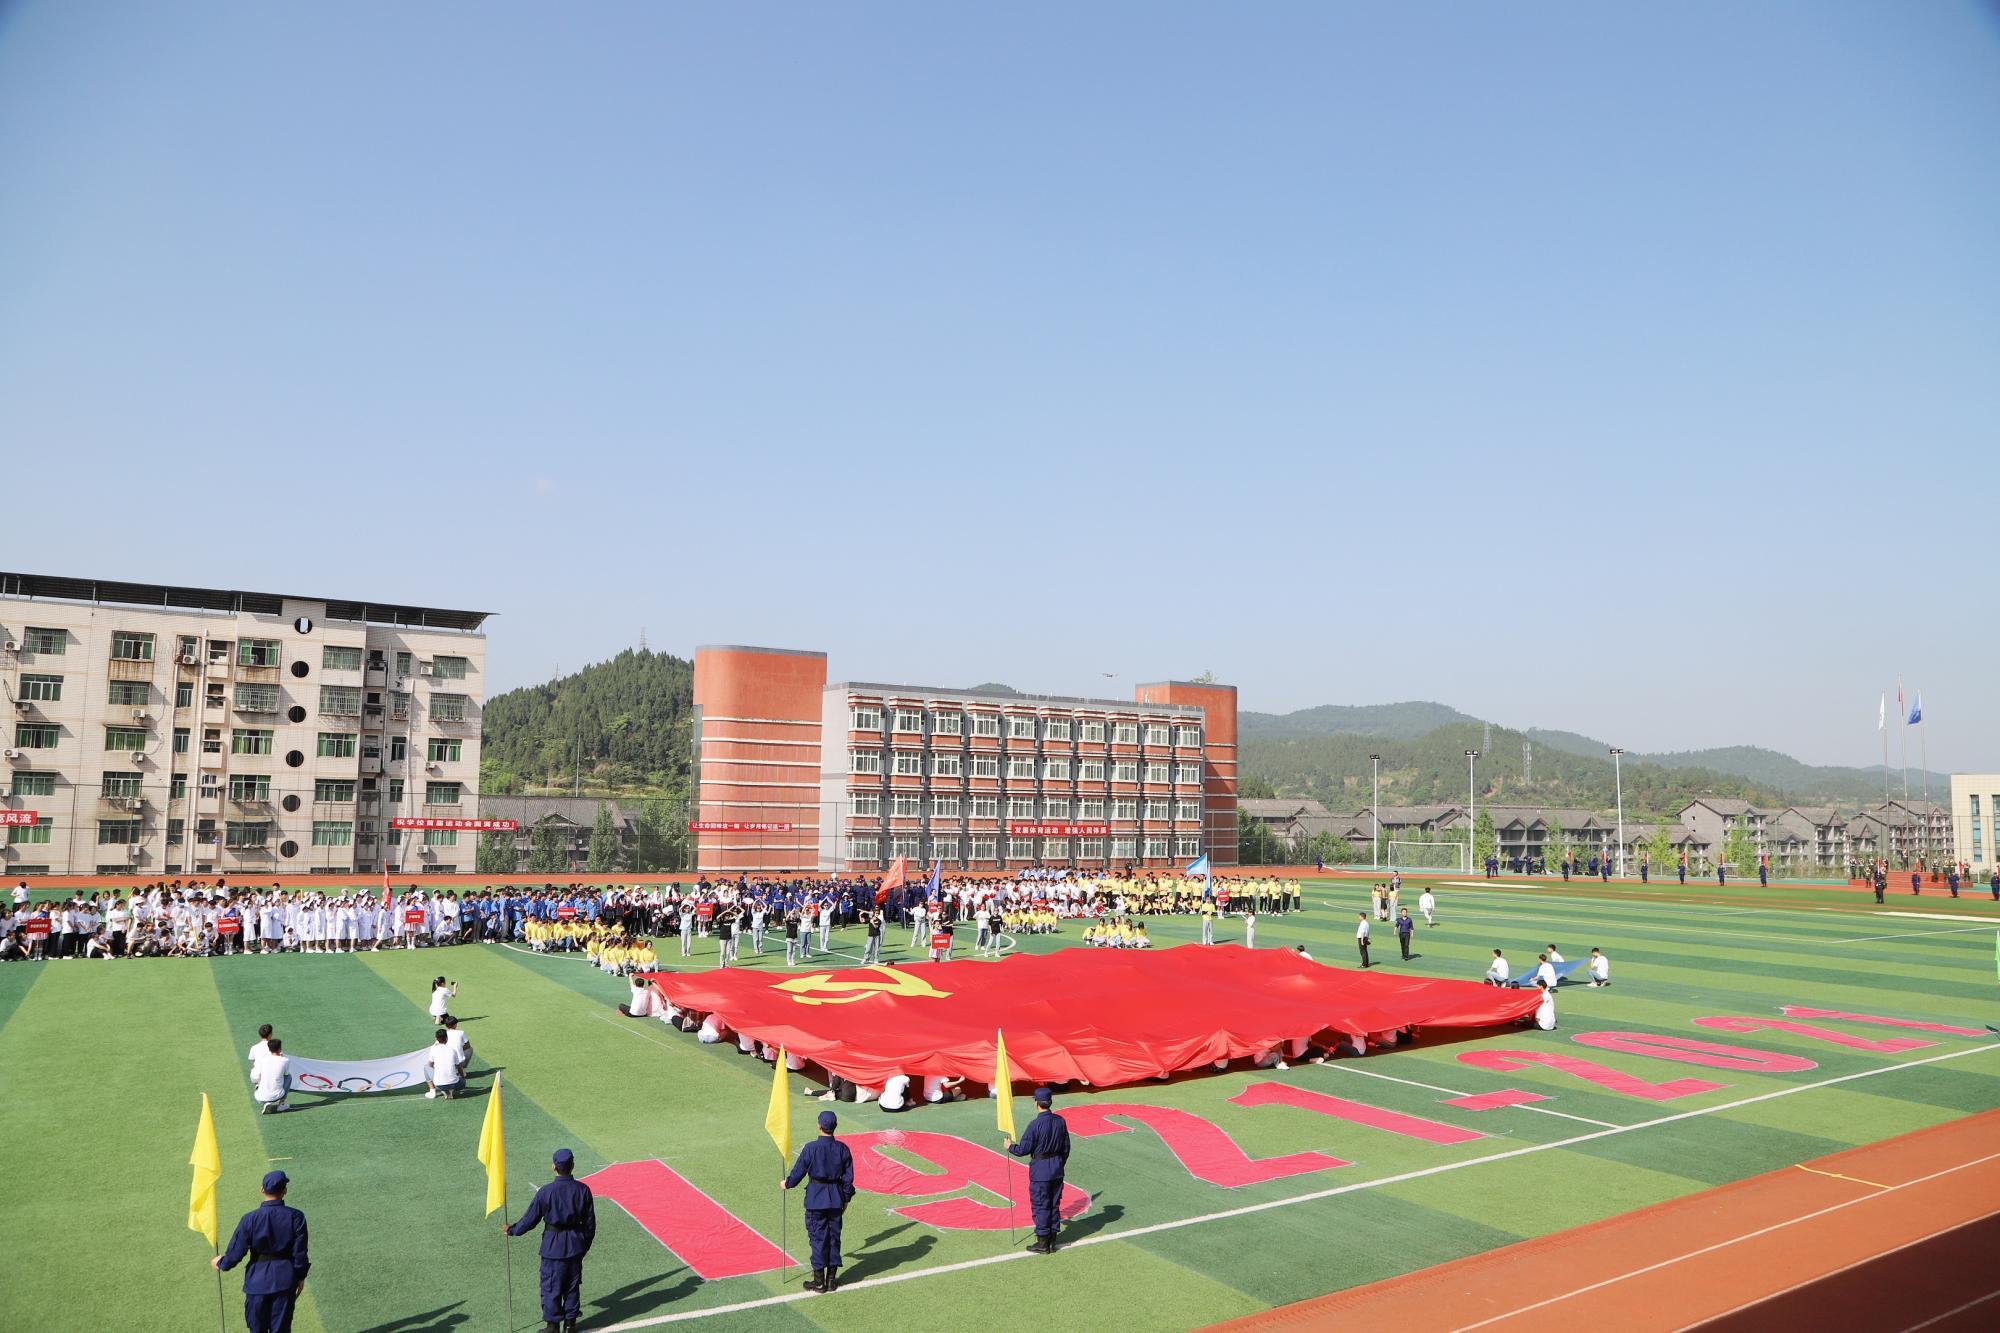 南充科技职业学院第一届田径运动会隆重开幕